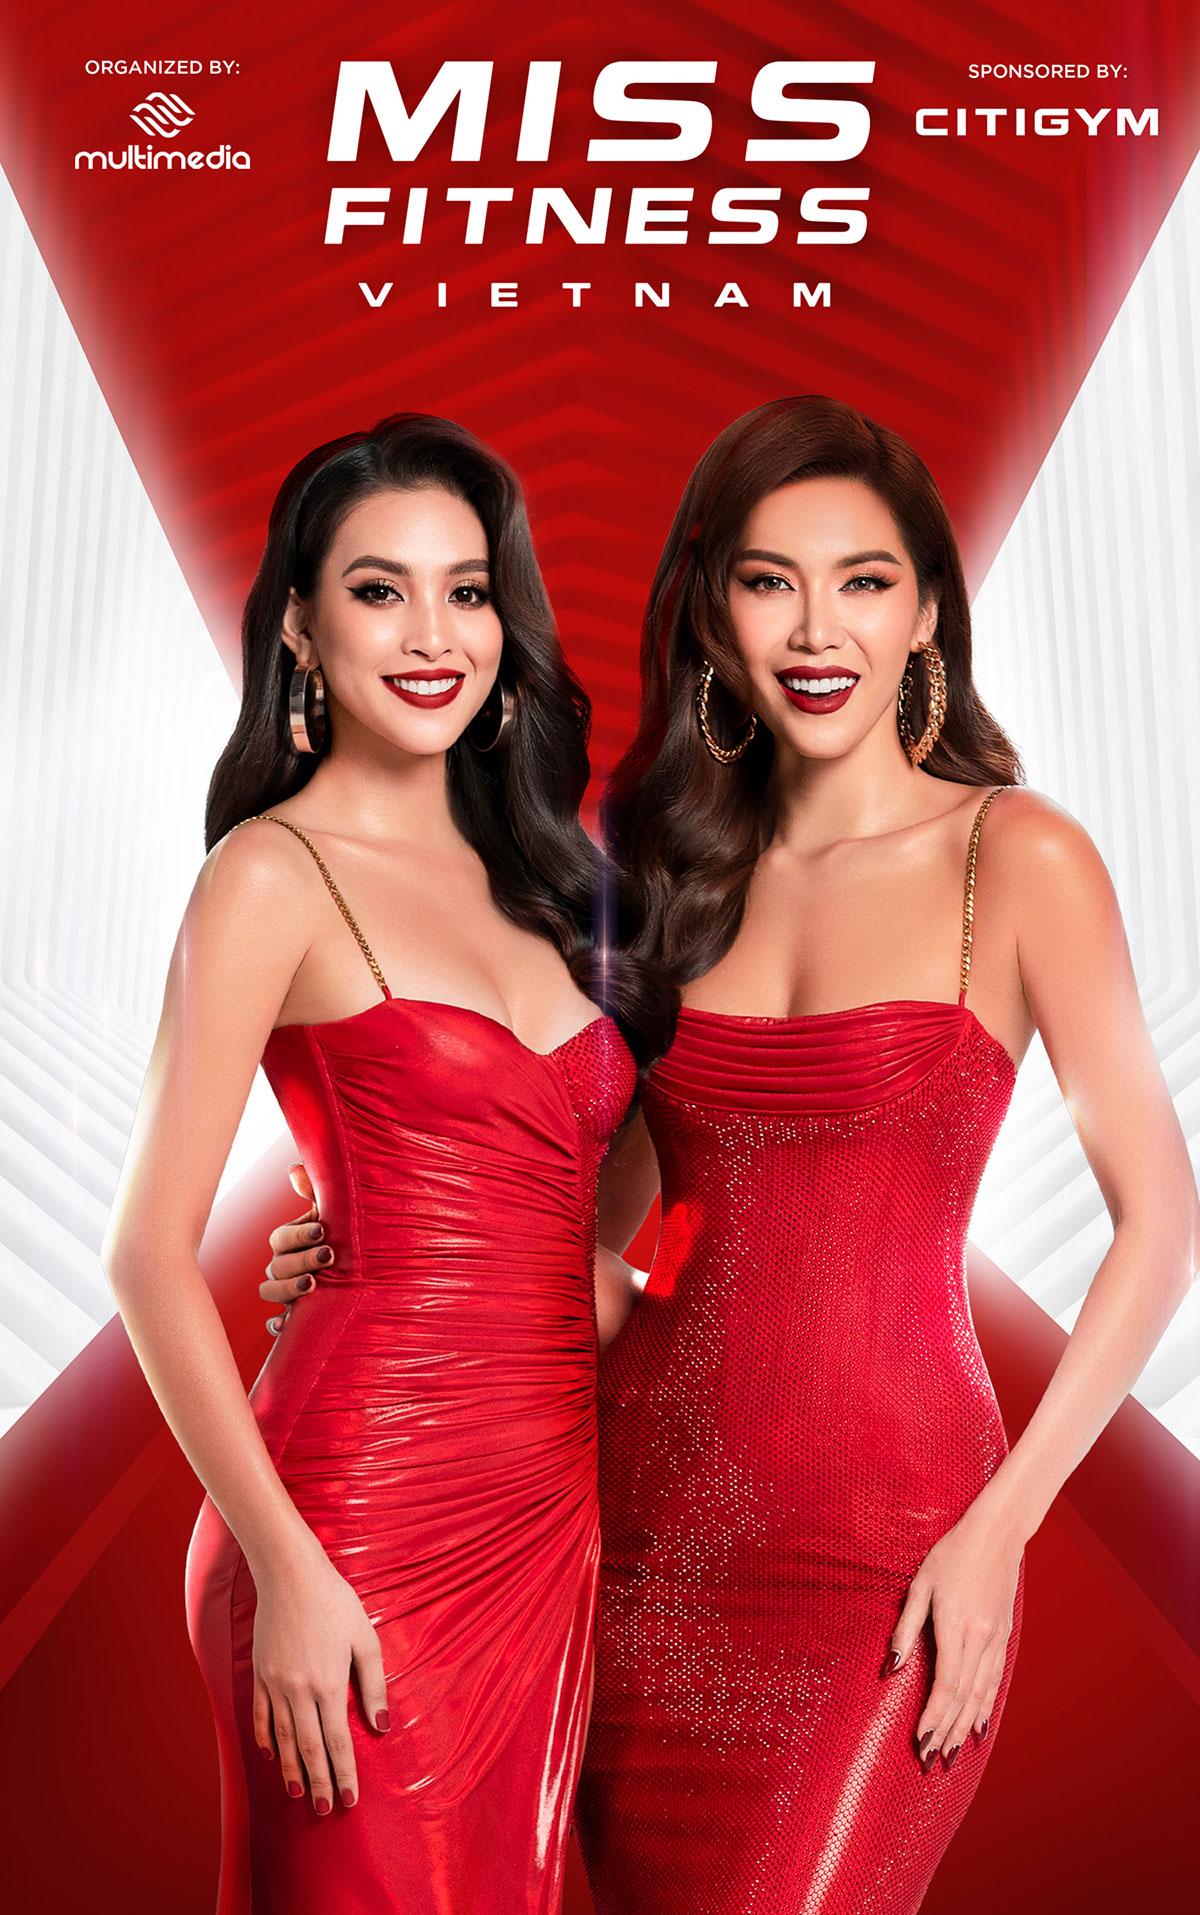 Minh Tú, Trần Tiểu Vy hóa chị em song sinh khi làm giám khảo Miss Fitness Vietnam 2020